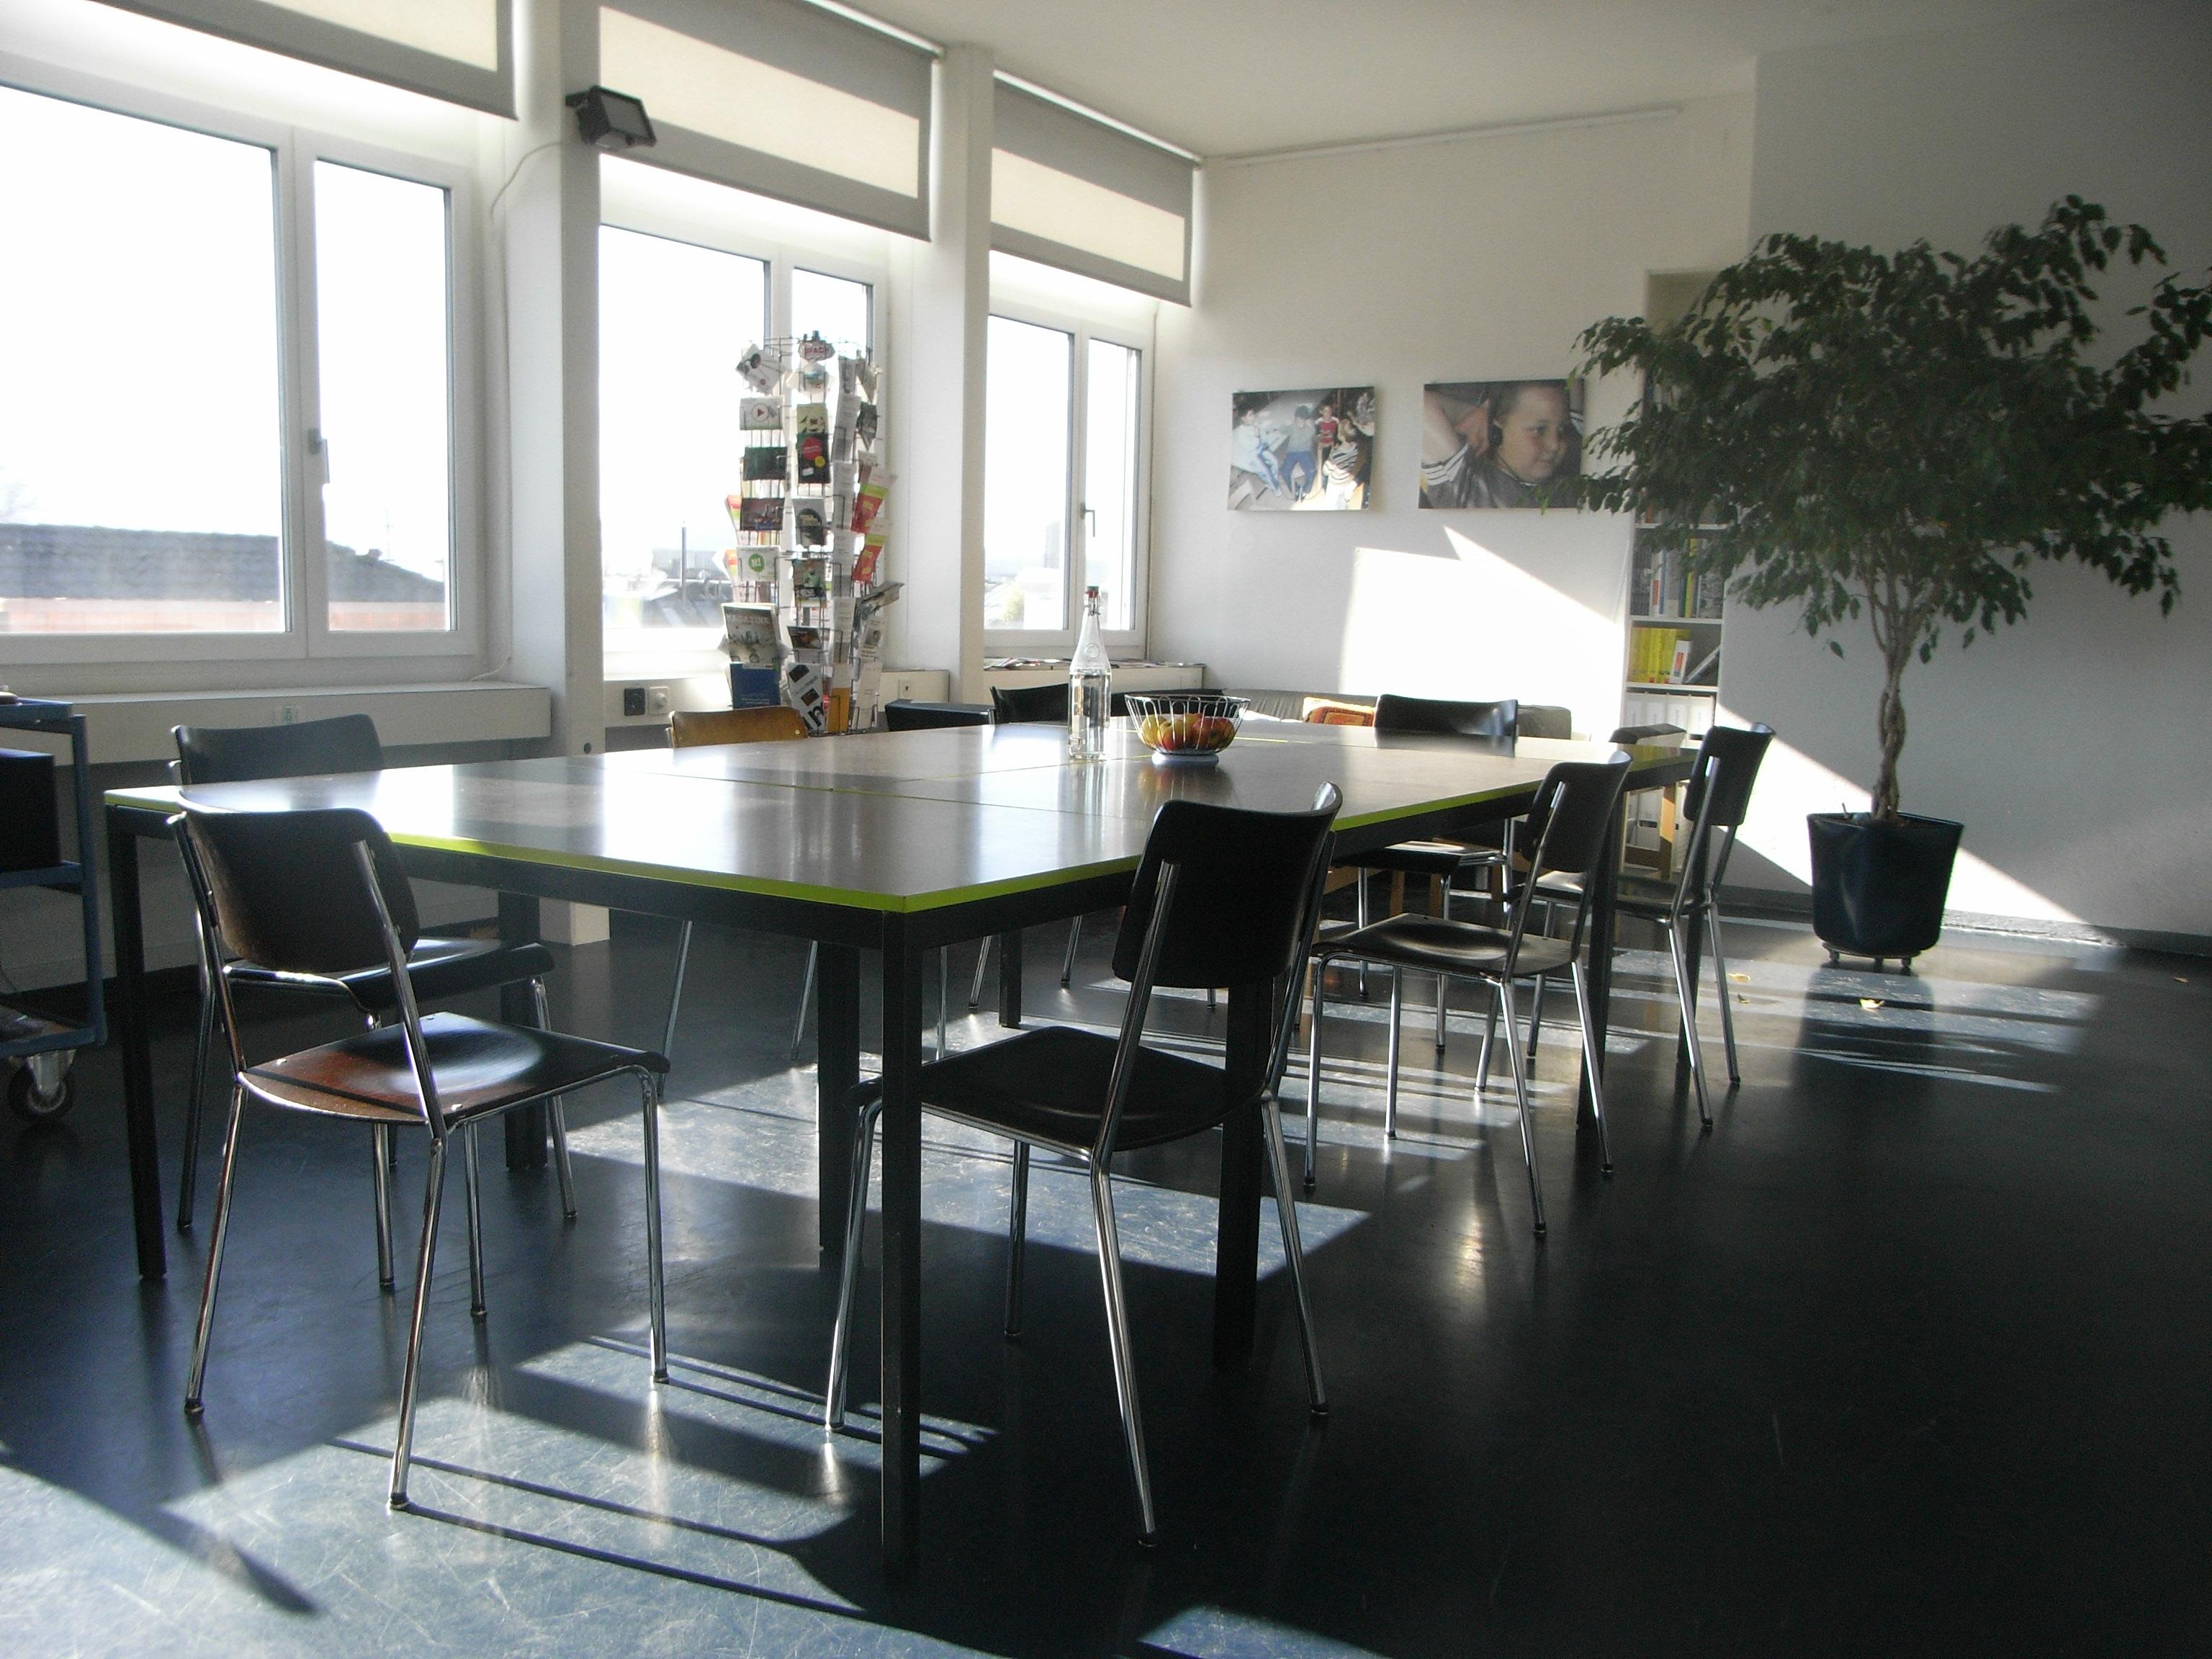 grosser kurs und sitzungsraum raum mieten raumvermietung partyraum. Black Bedroom Furniture Sets. Home Design Ideas